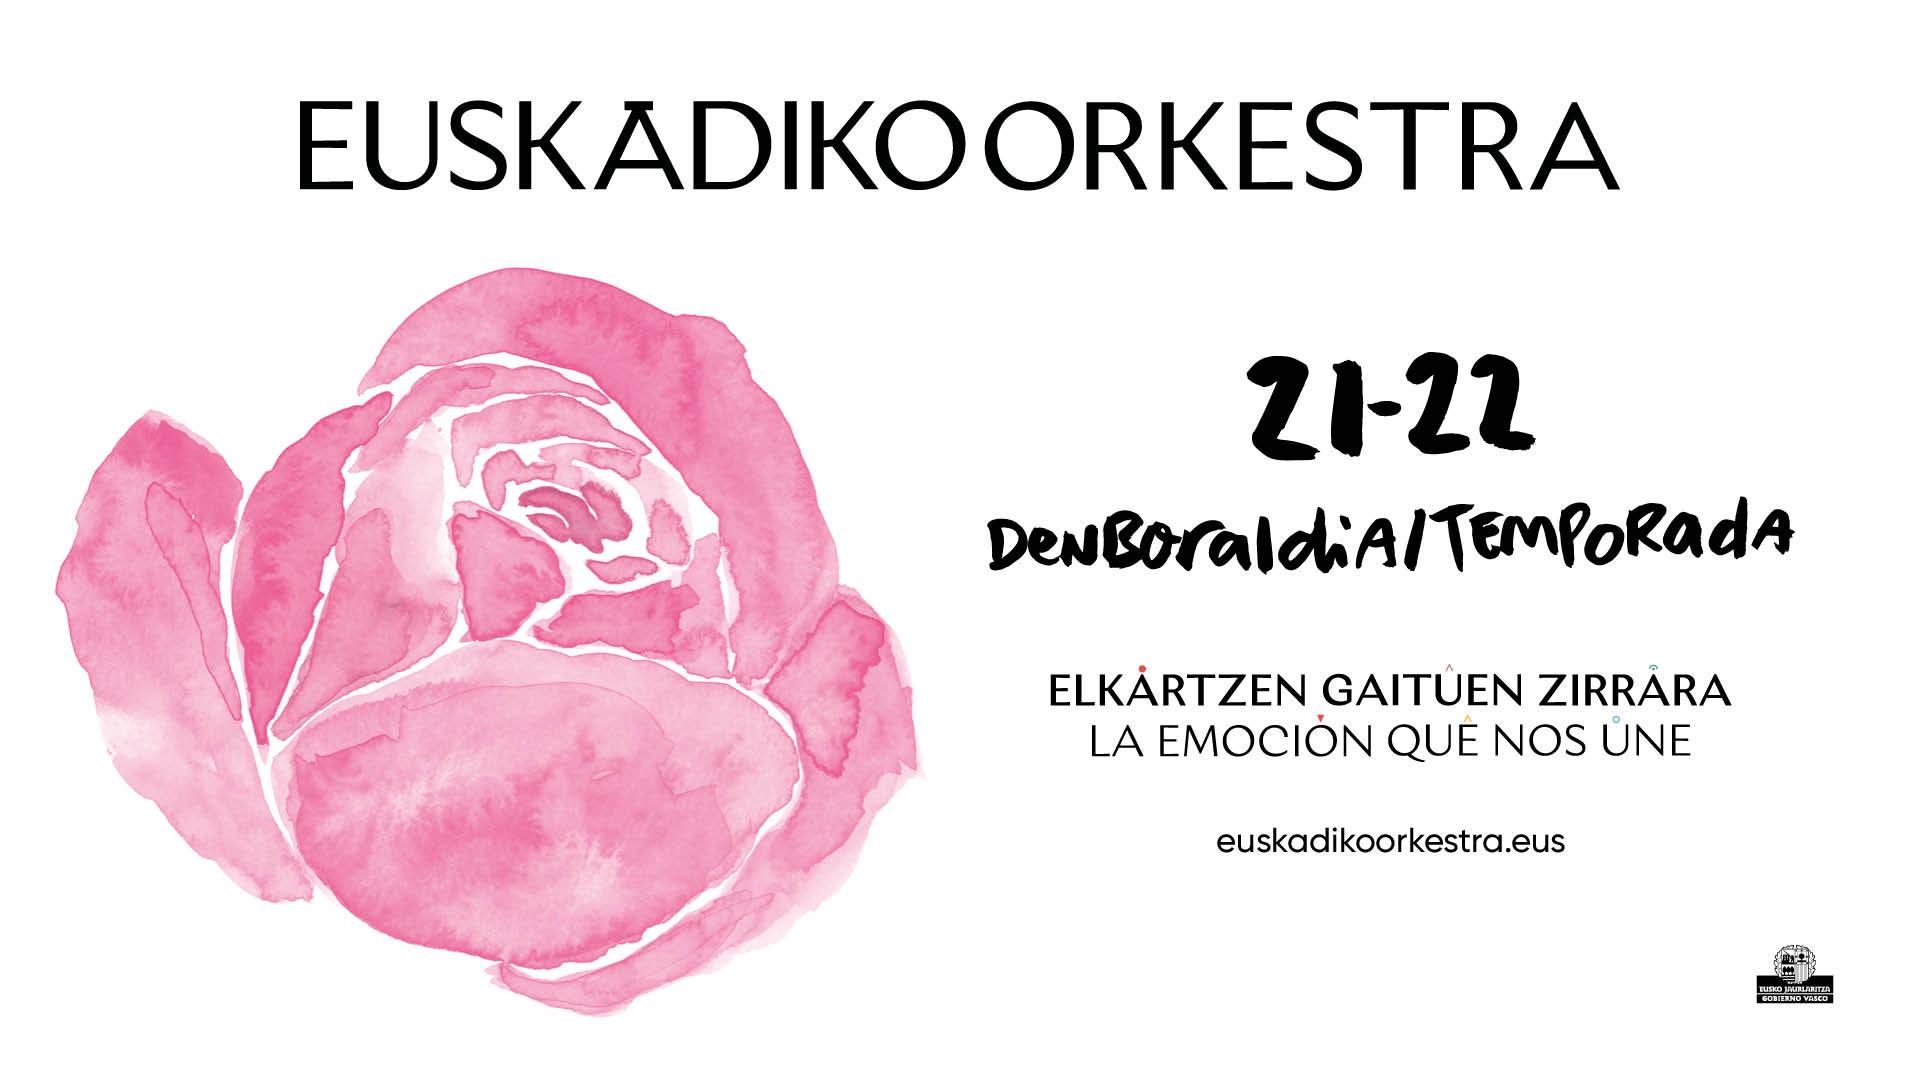 La Euskadiko Orkestra presenta su temporada 21/22